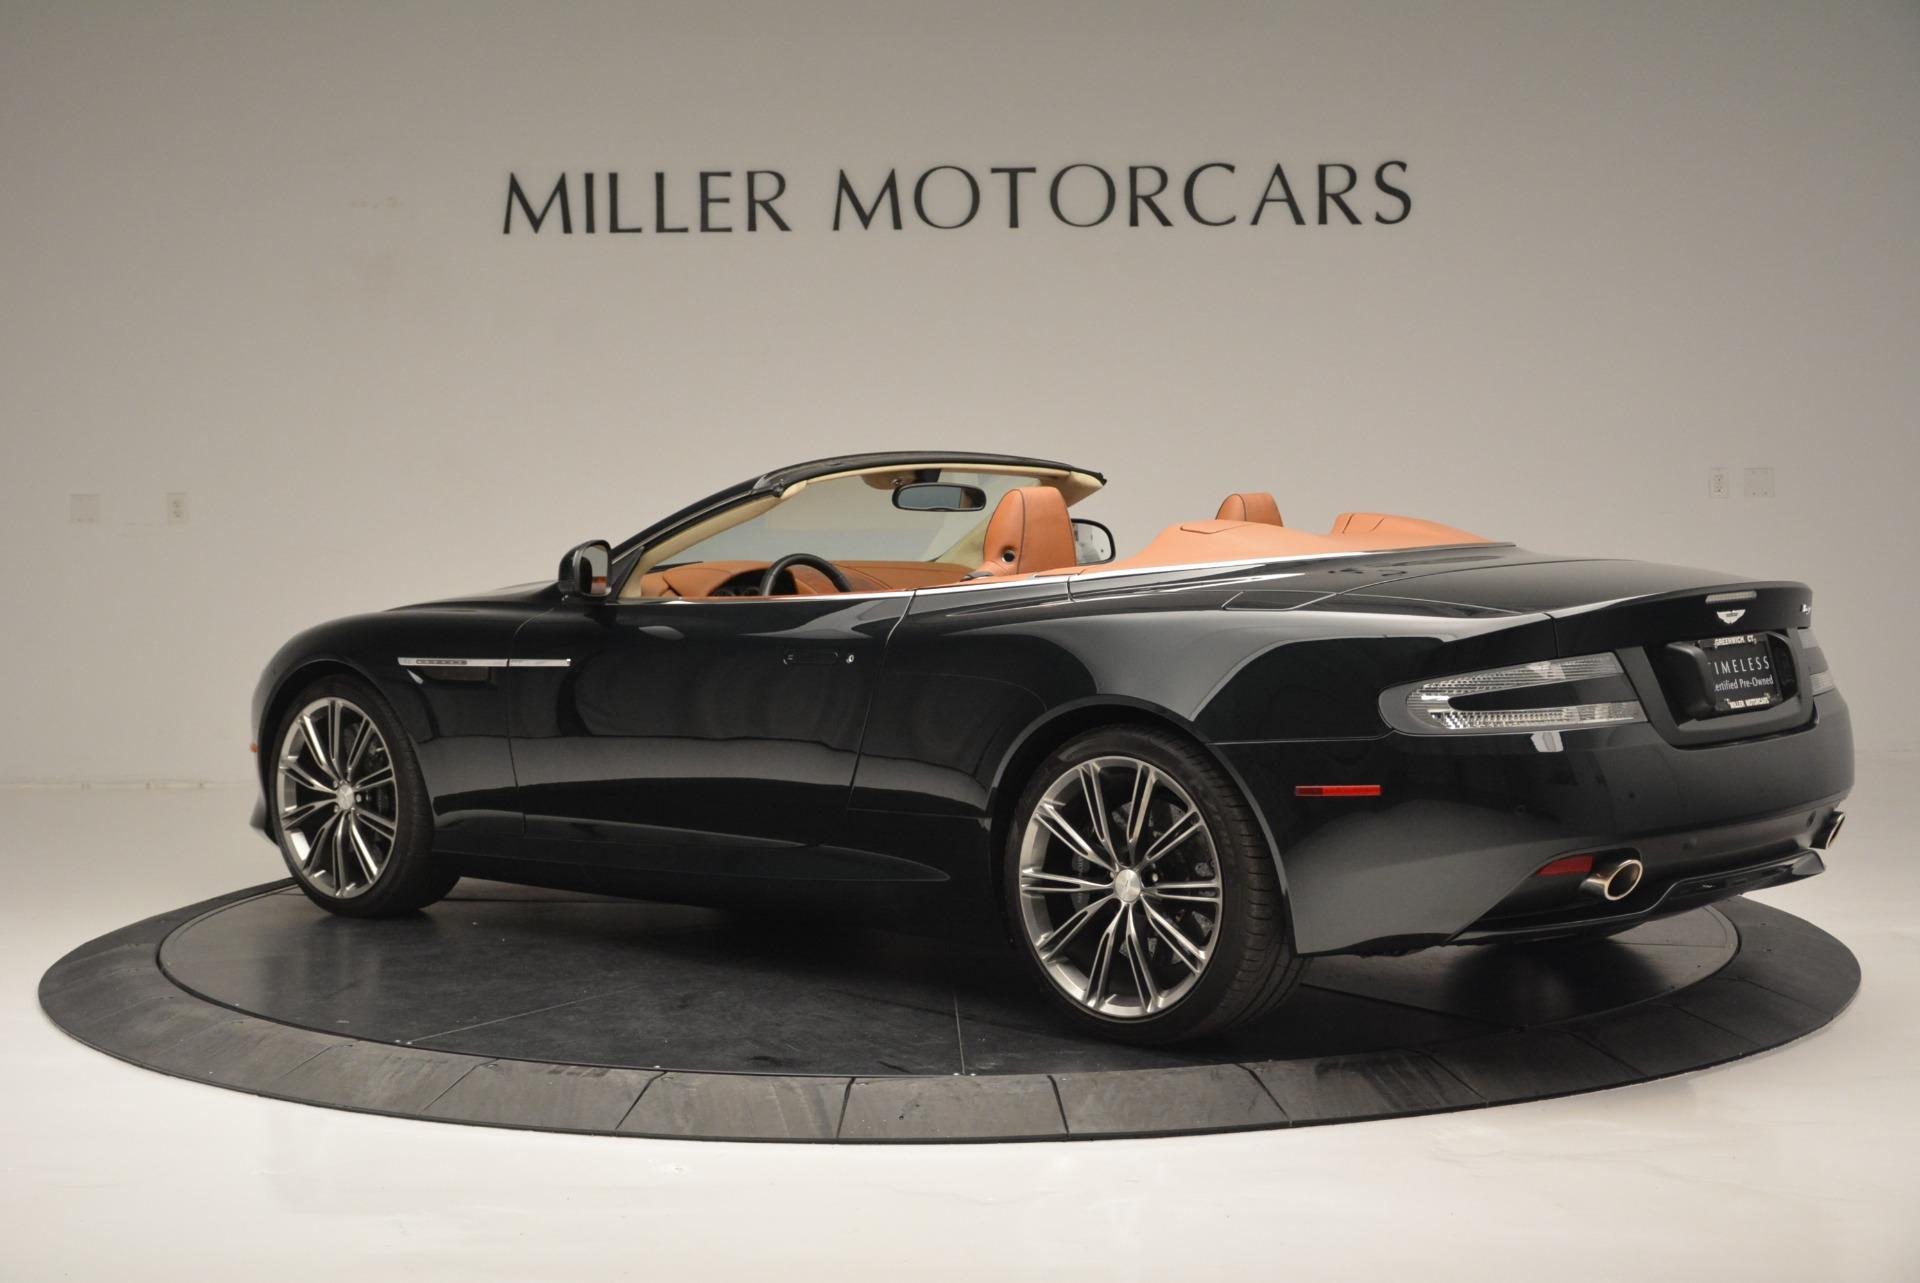 Used 2012 Aston Martin Virage Volante For Sale In Greenwich, CT. Alfa Romeo of Greenwich, 7641 2508_p4